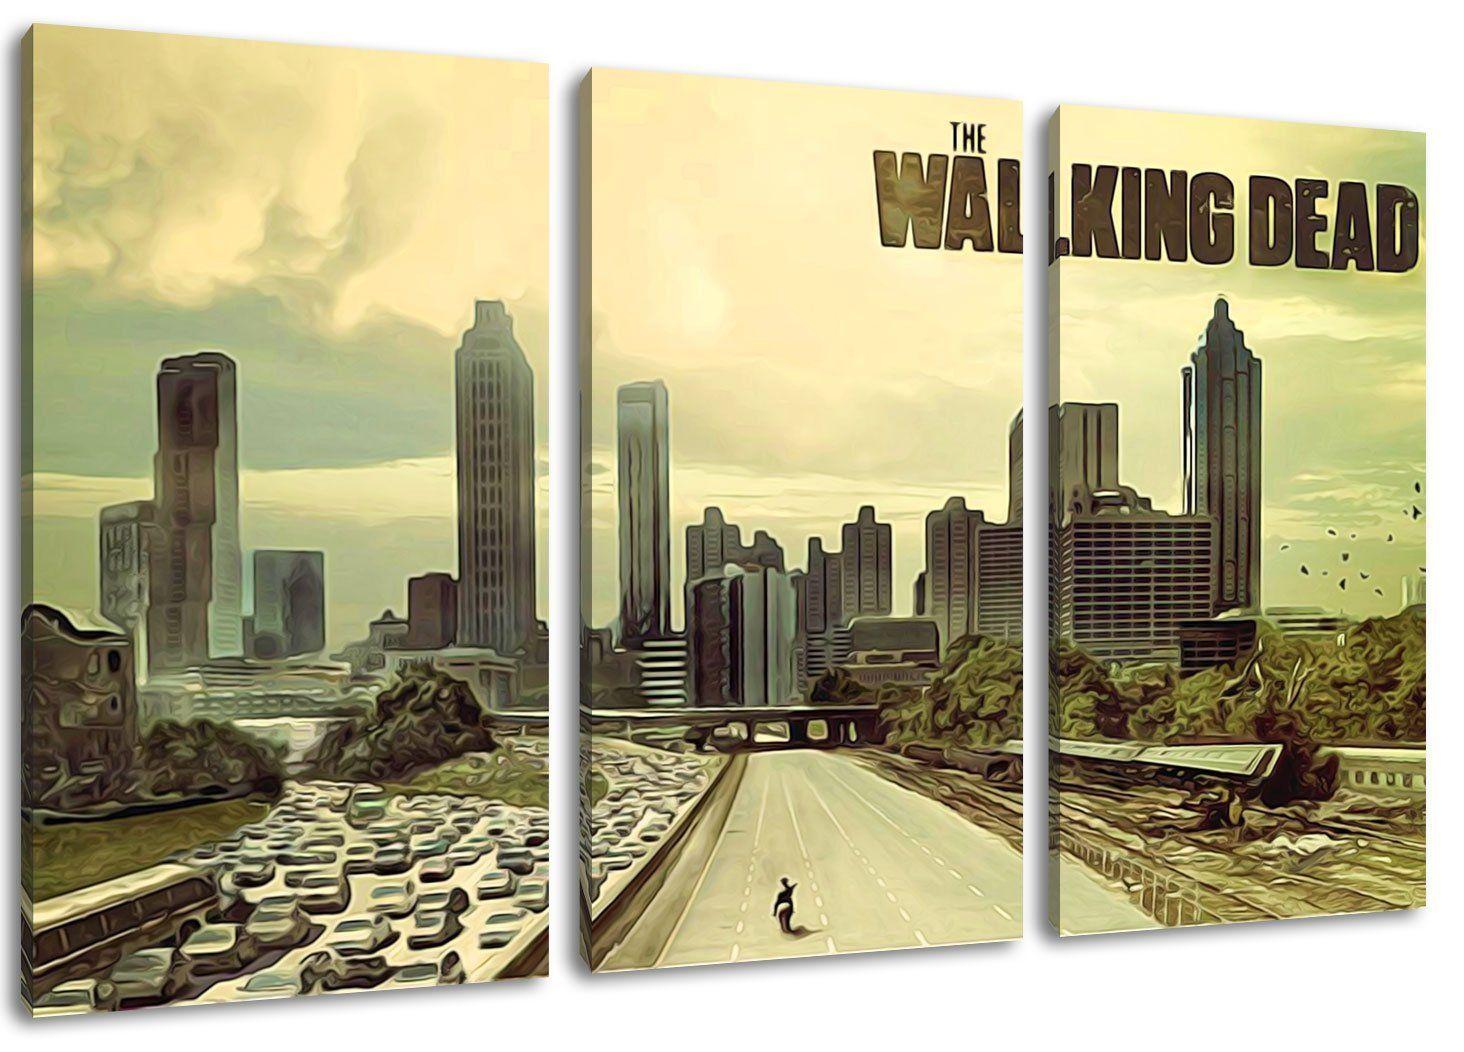 The Walking Dead Motiv, 3-teilig auf Leinwand (Gesamtformat: 120x80 ...